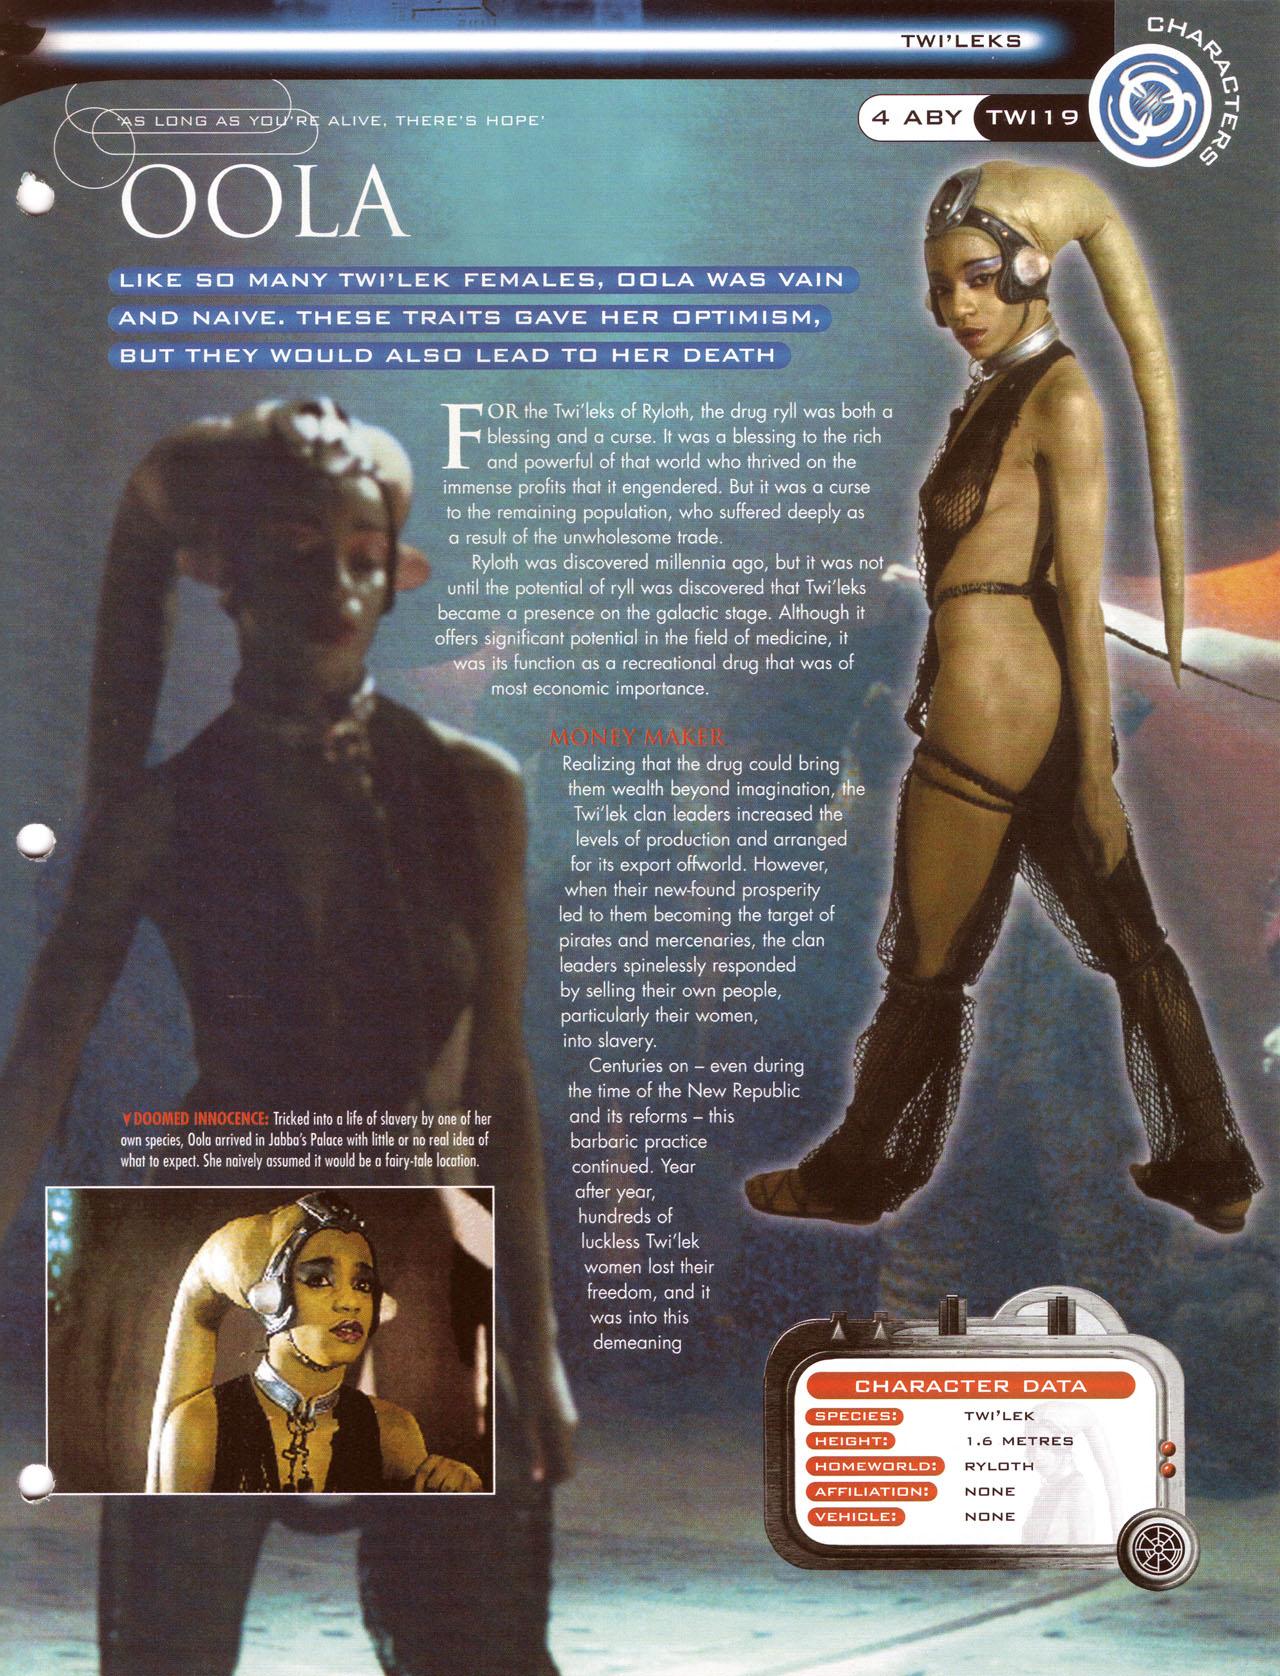 Oola estrella Wars Fact File Page 1